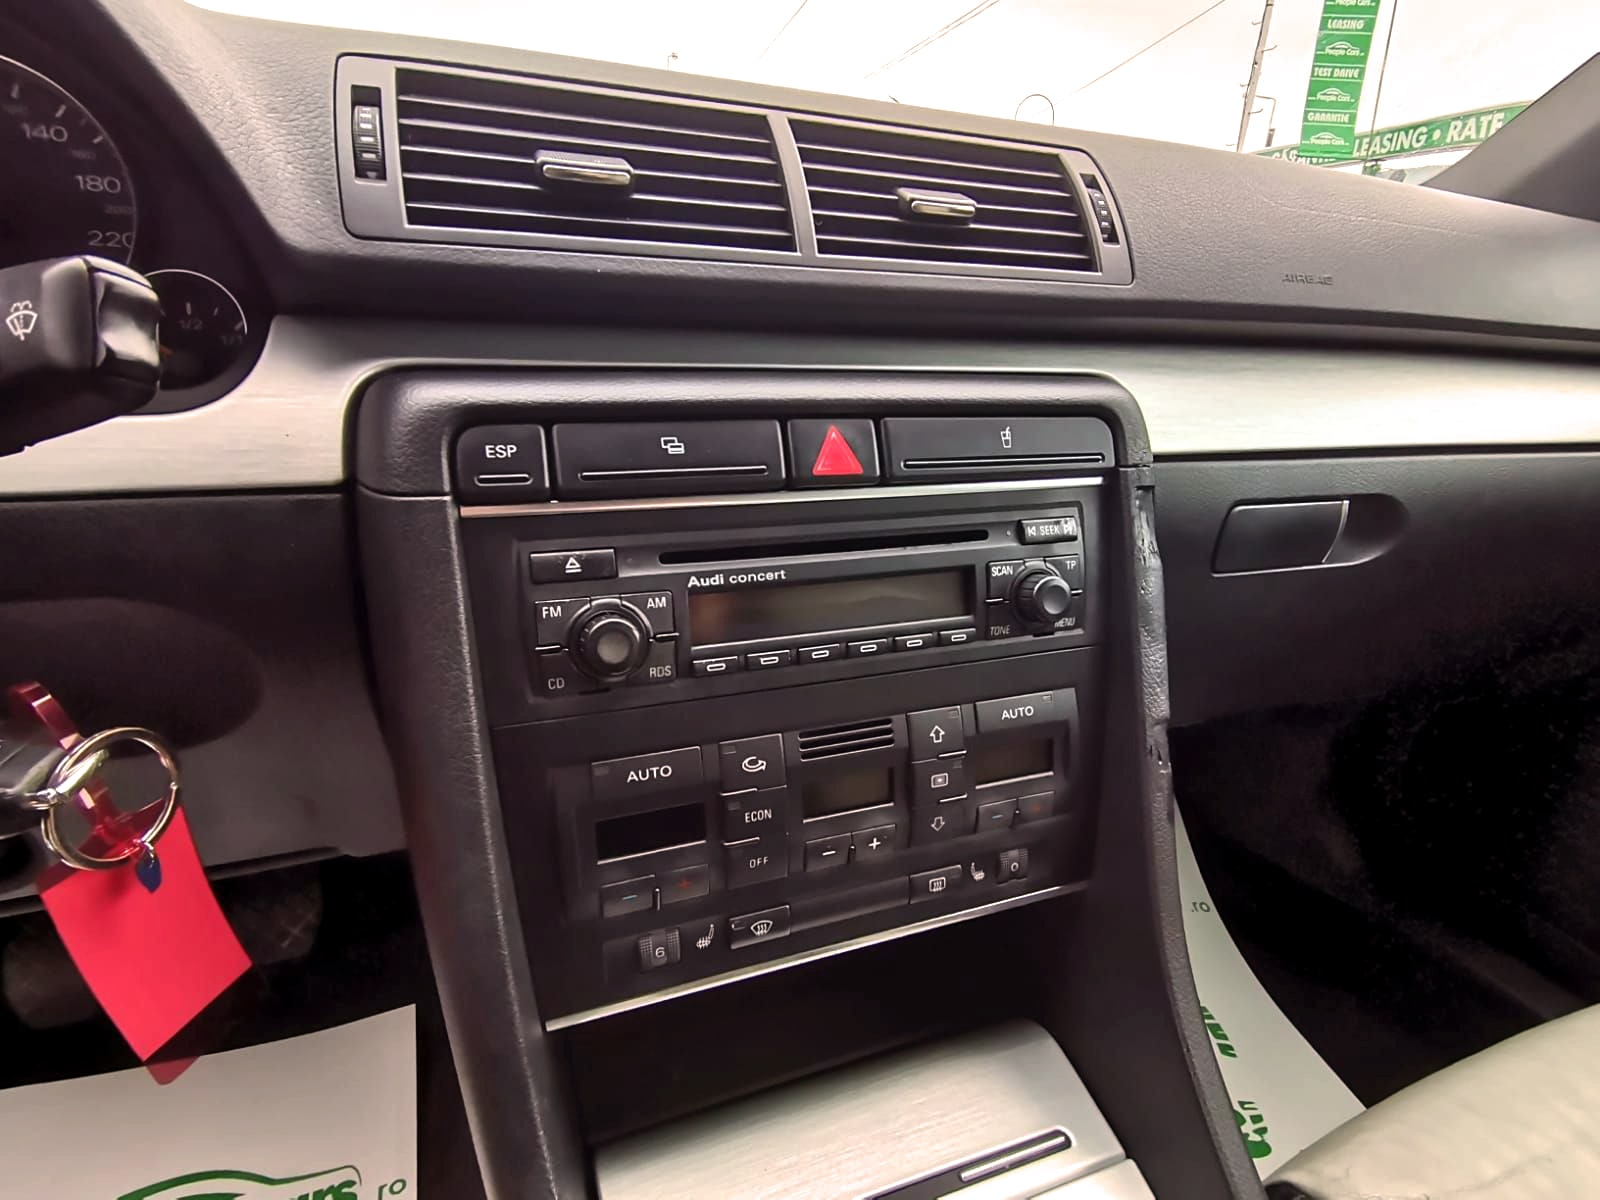 Audi A4 2.0d